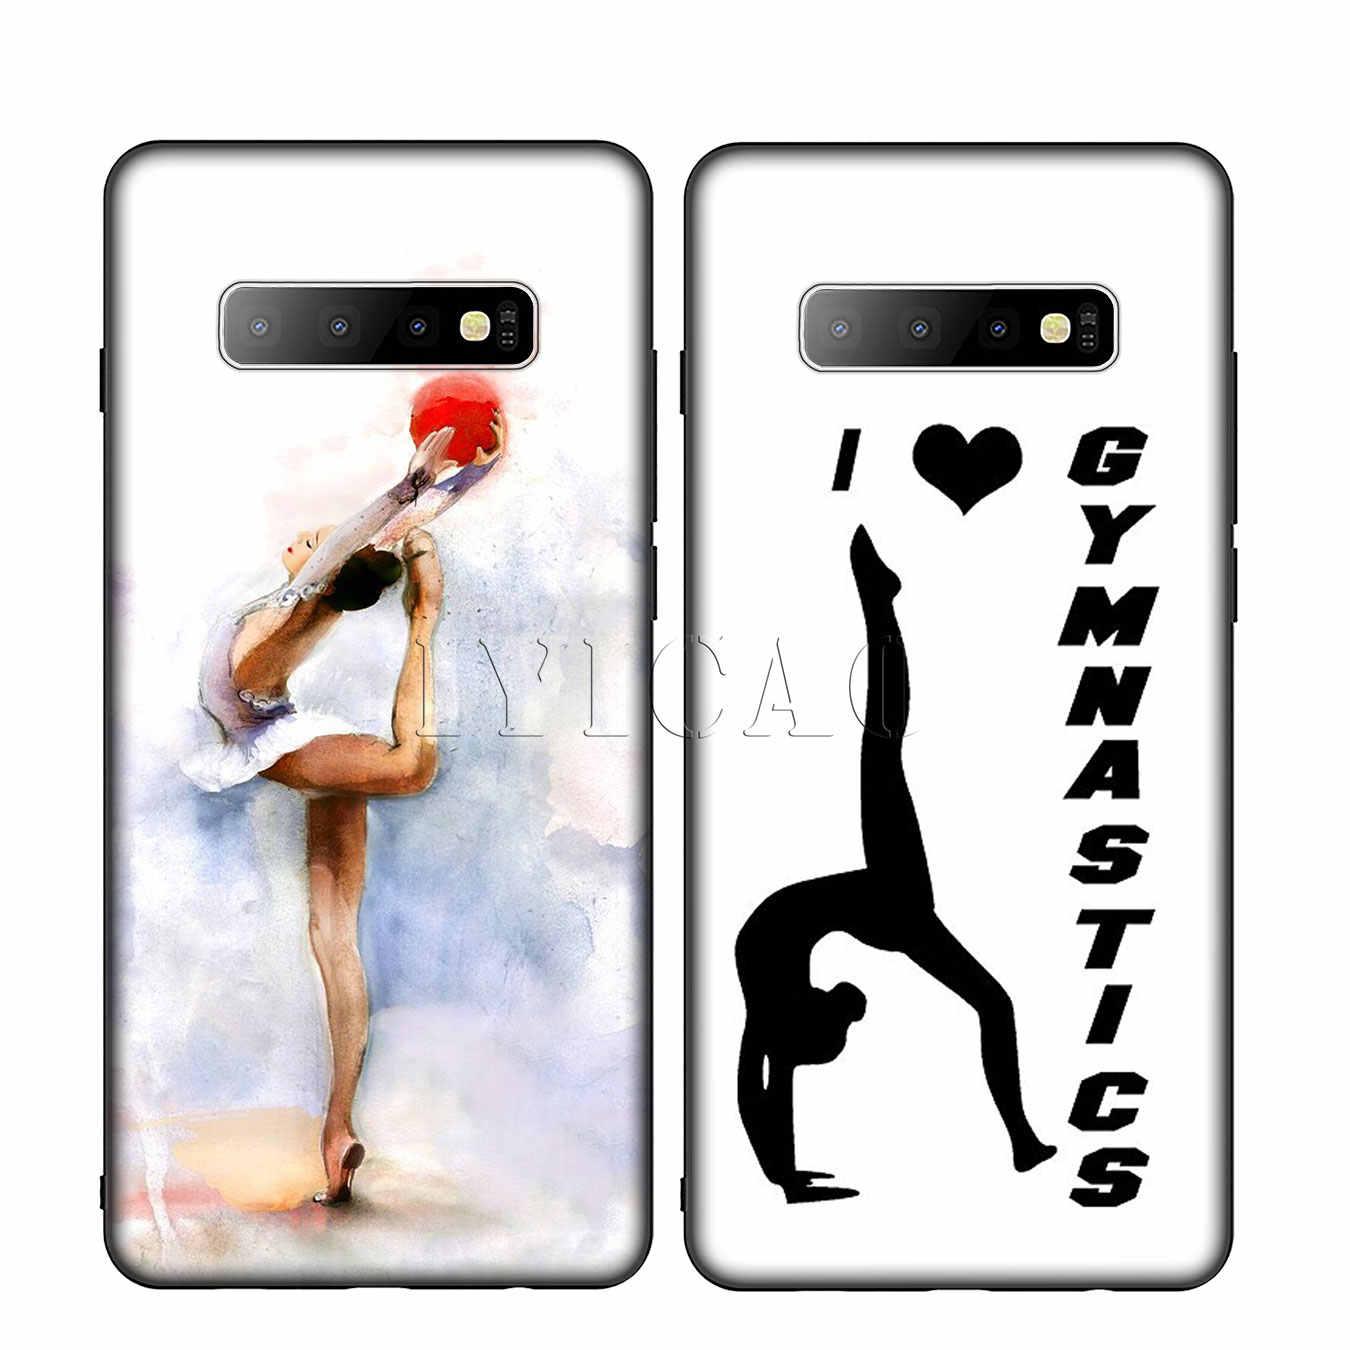 IYICAO Boyama Kız Spor Jimnastik Silikon Yumuşak Telefon samsung kılıfı Galaxy S10 S9 S8 Artı S6 S7 Kenar S10e E Kapak